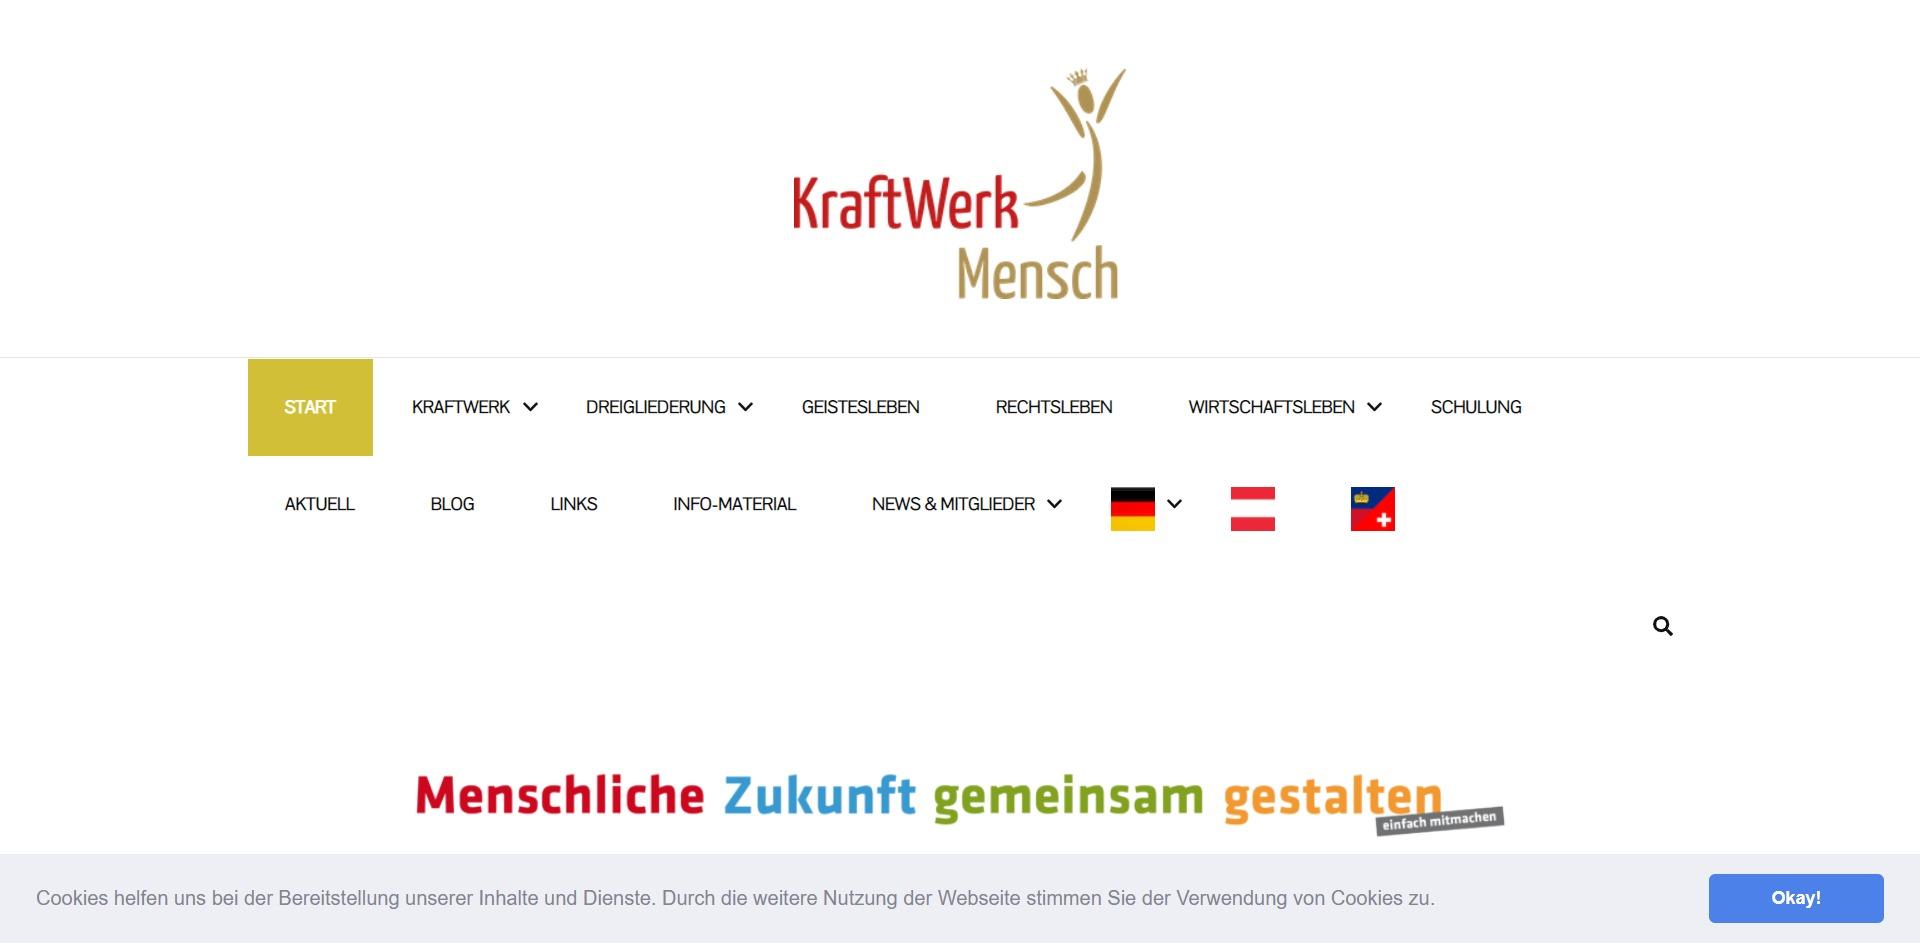 Kraftwerk-Mensch.de